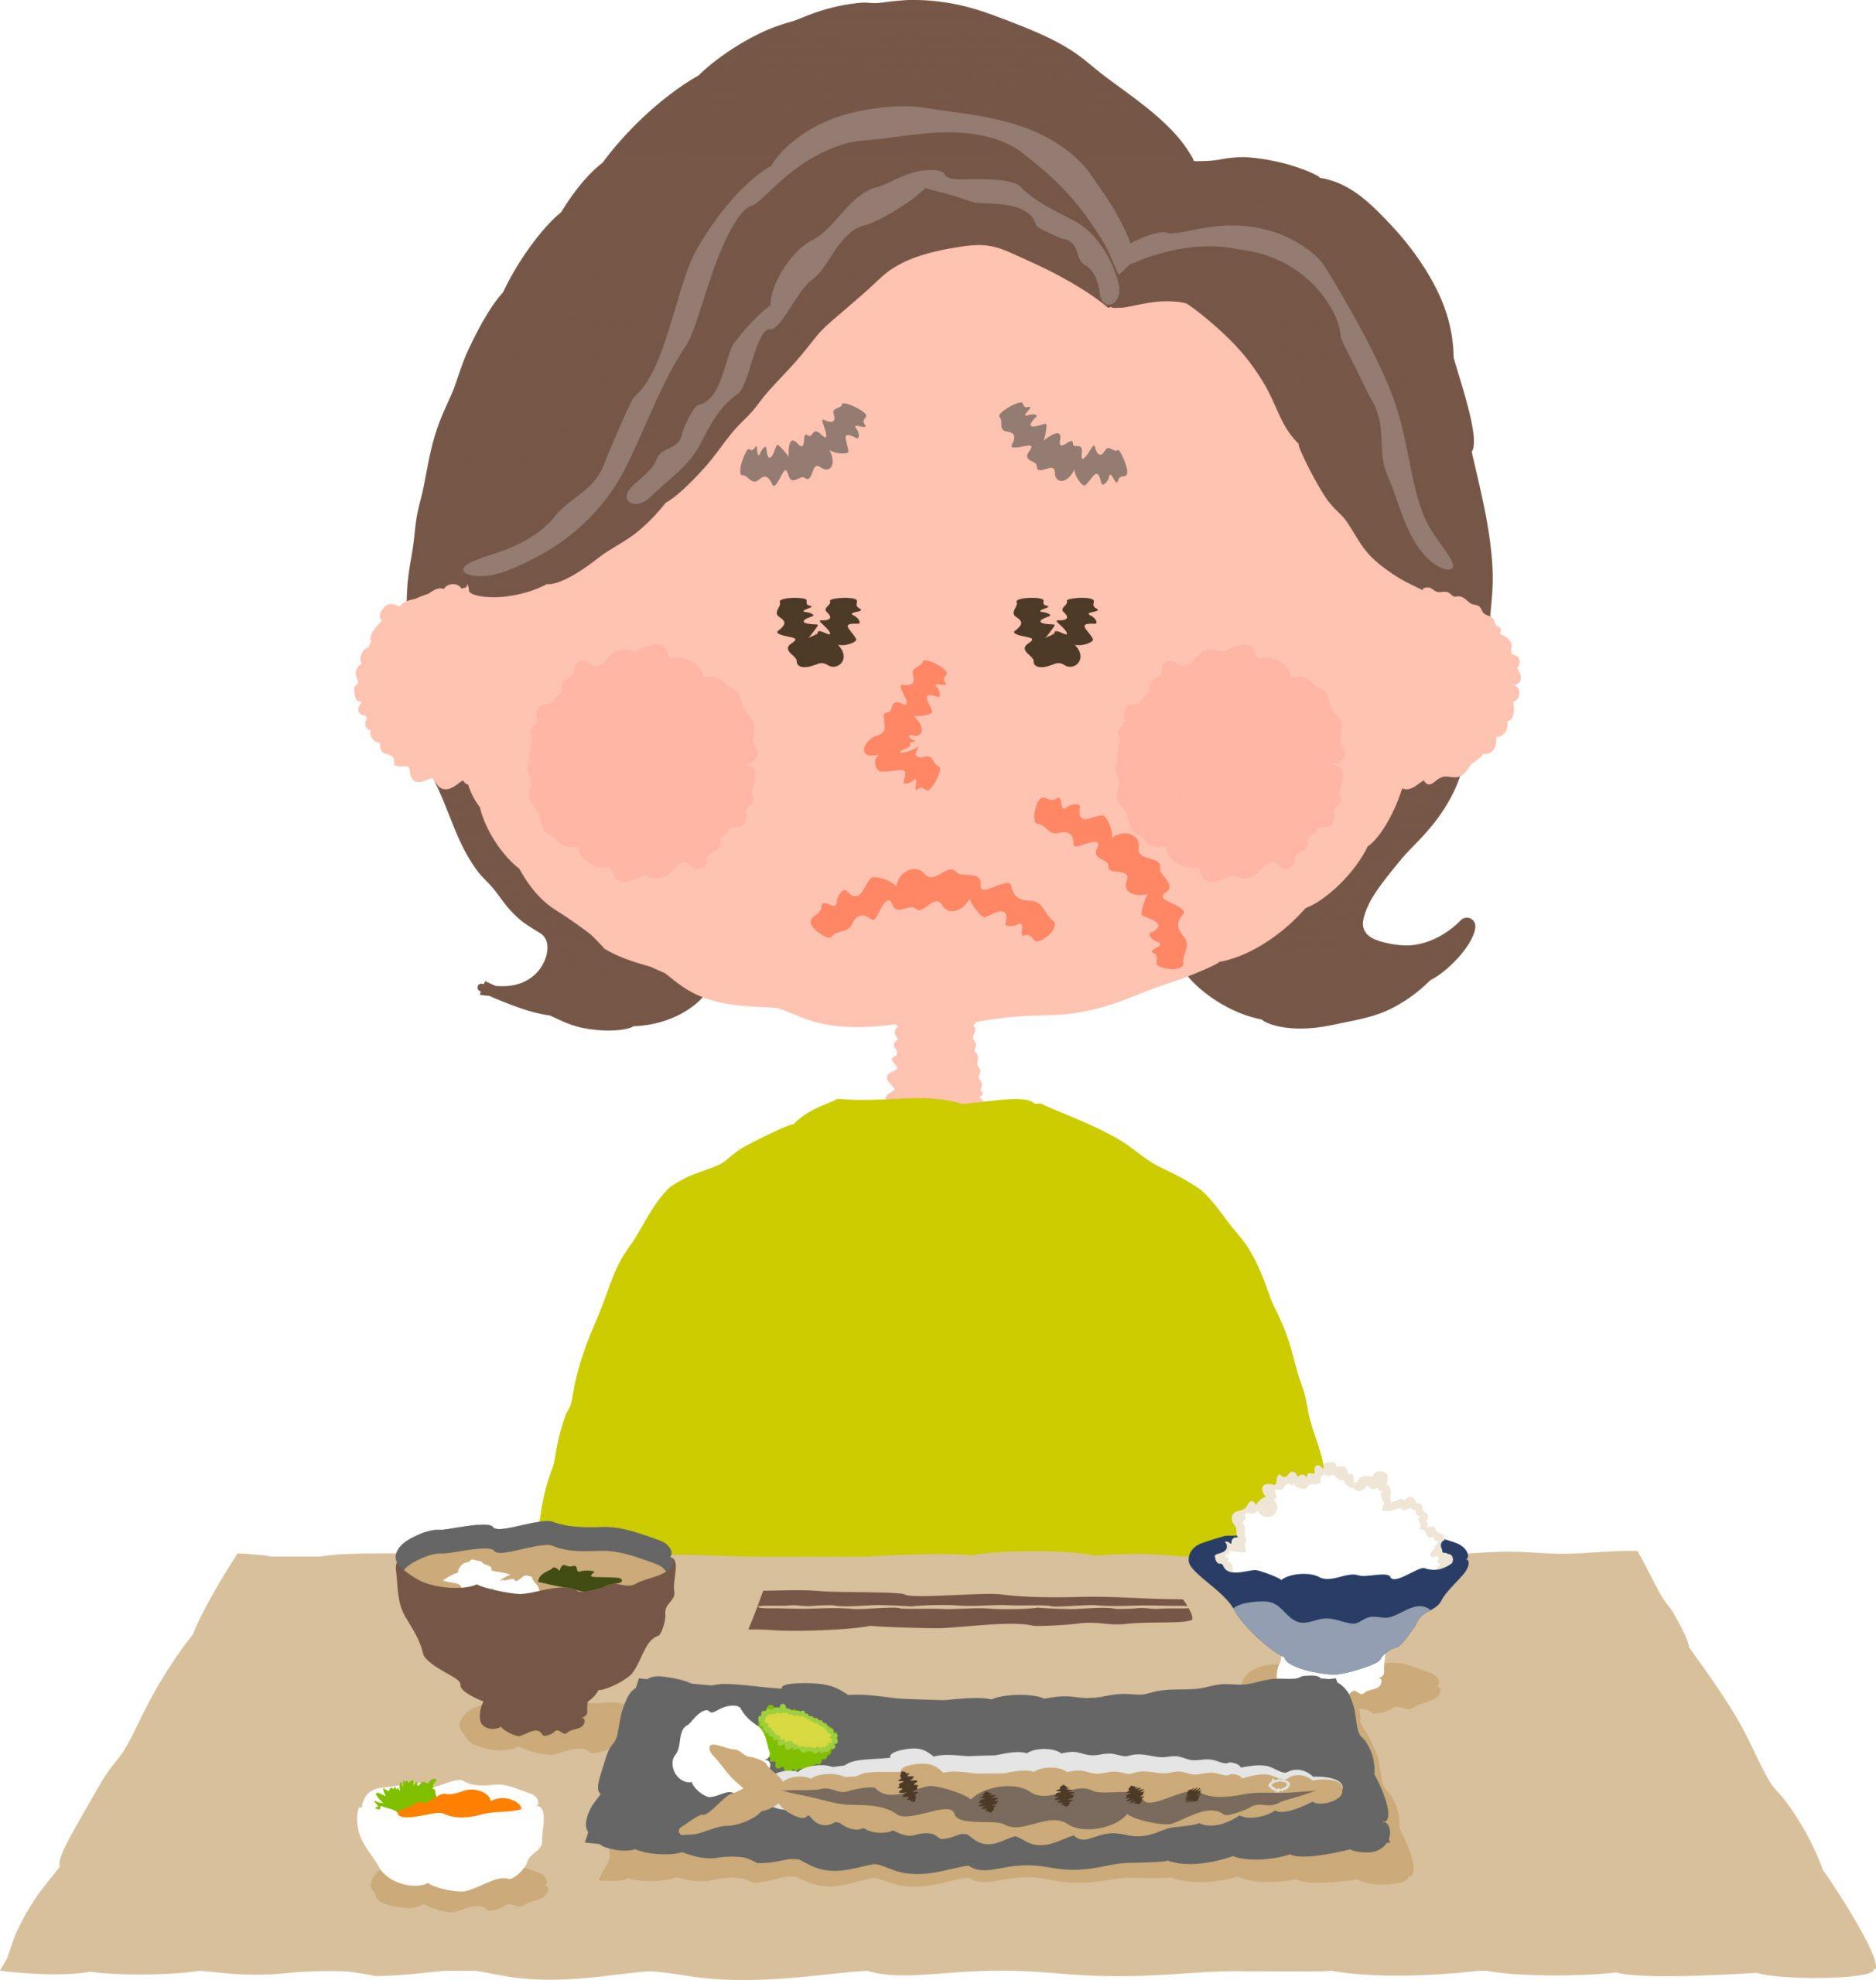 お役立ちコラム「高齢者の低栄養の対応策」